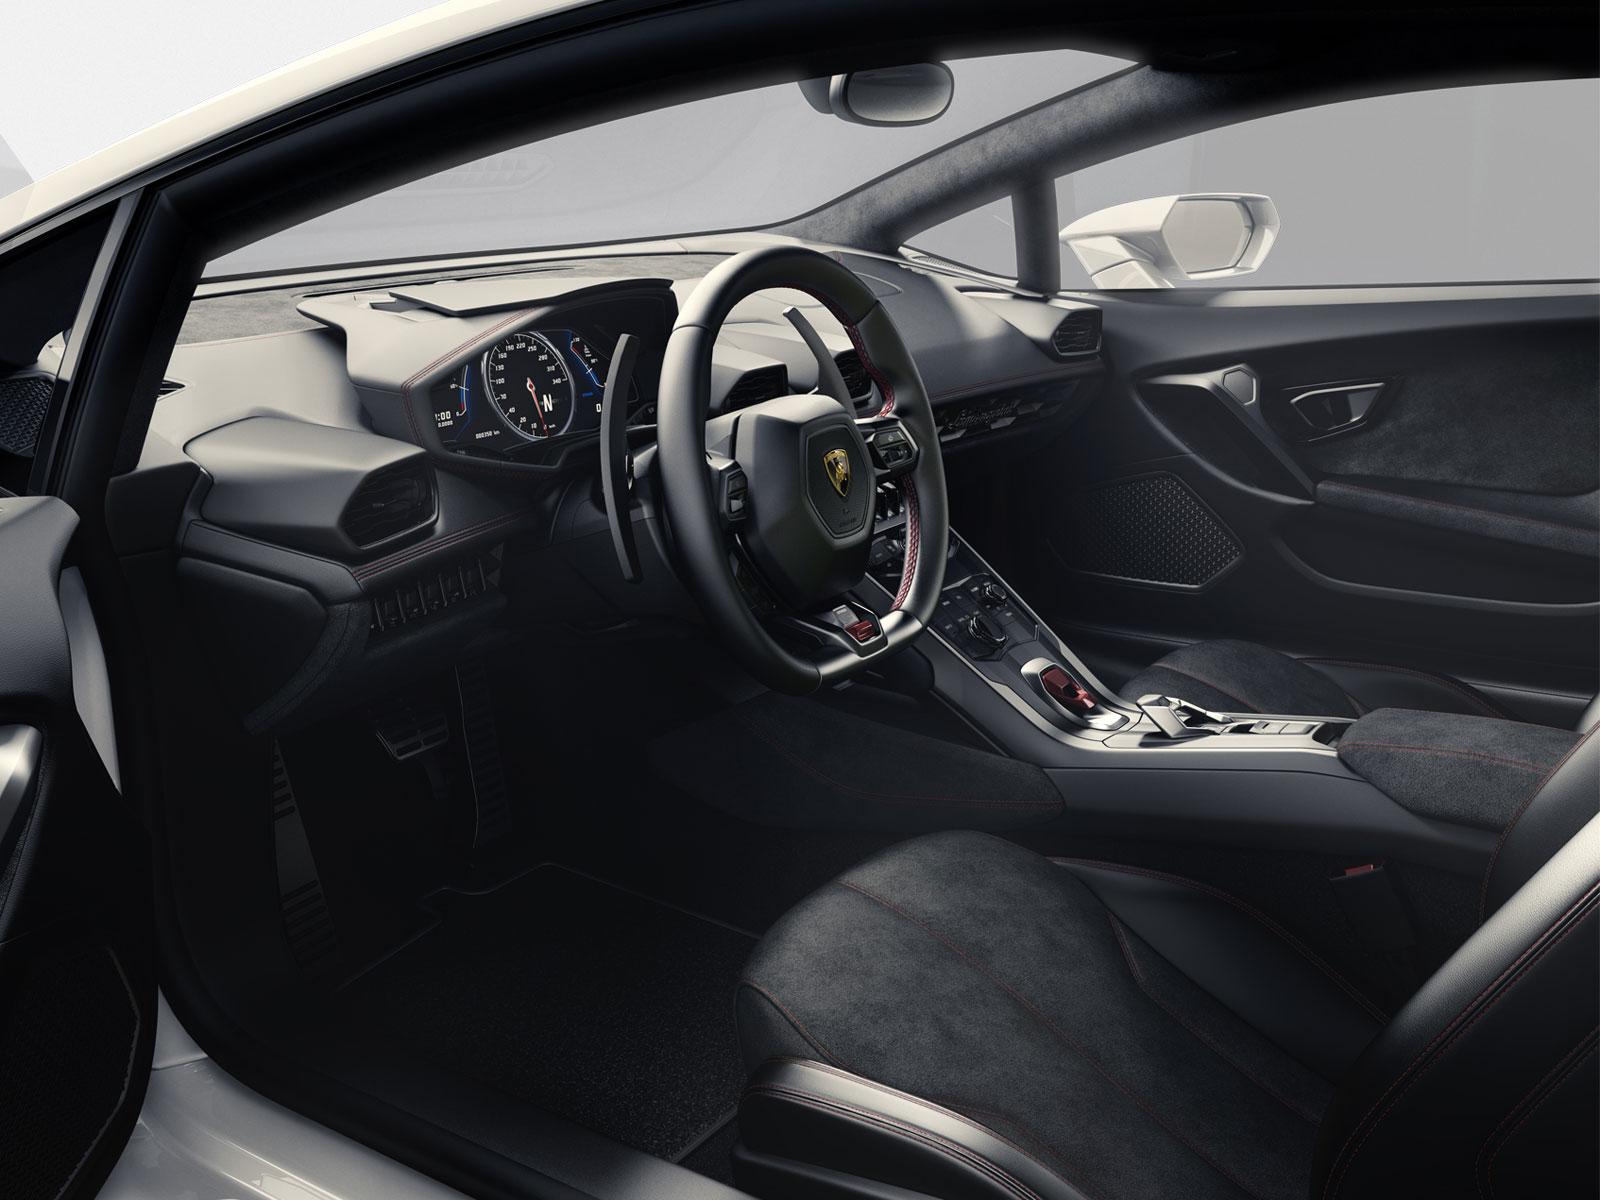 2014 Lamborghini Huracan (c) Lamborghini